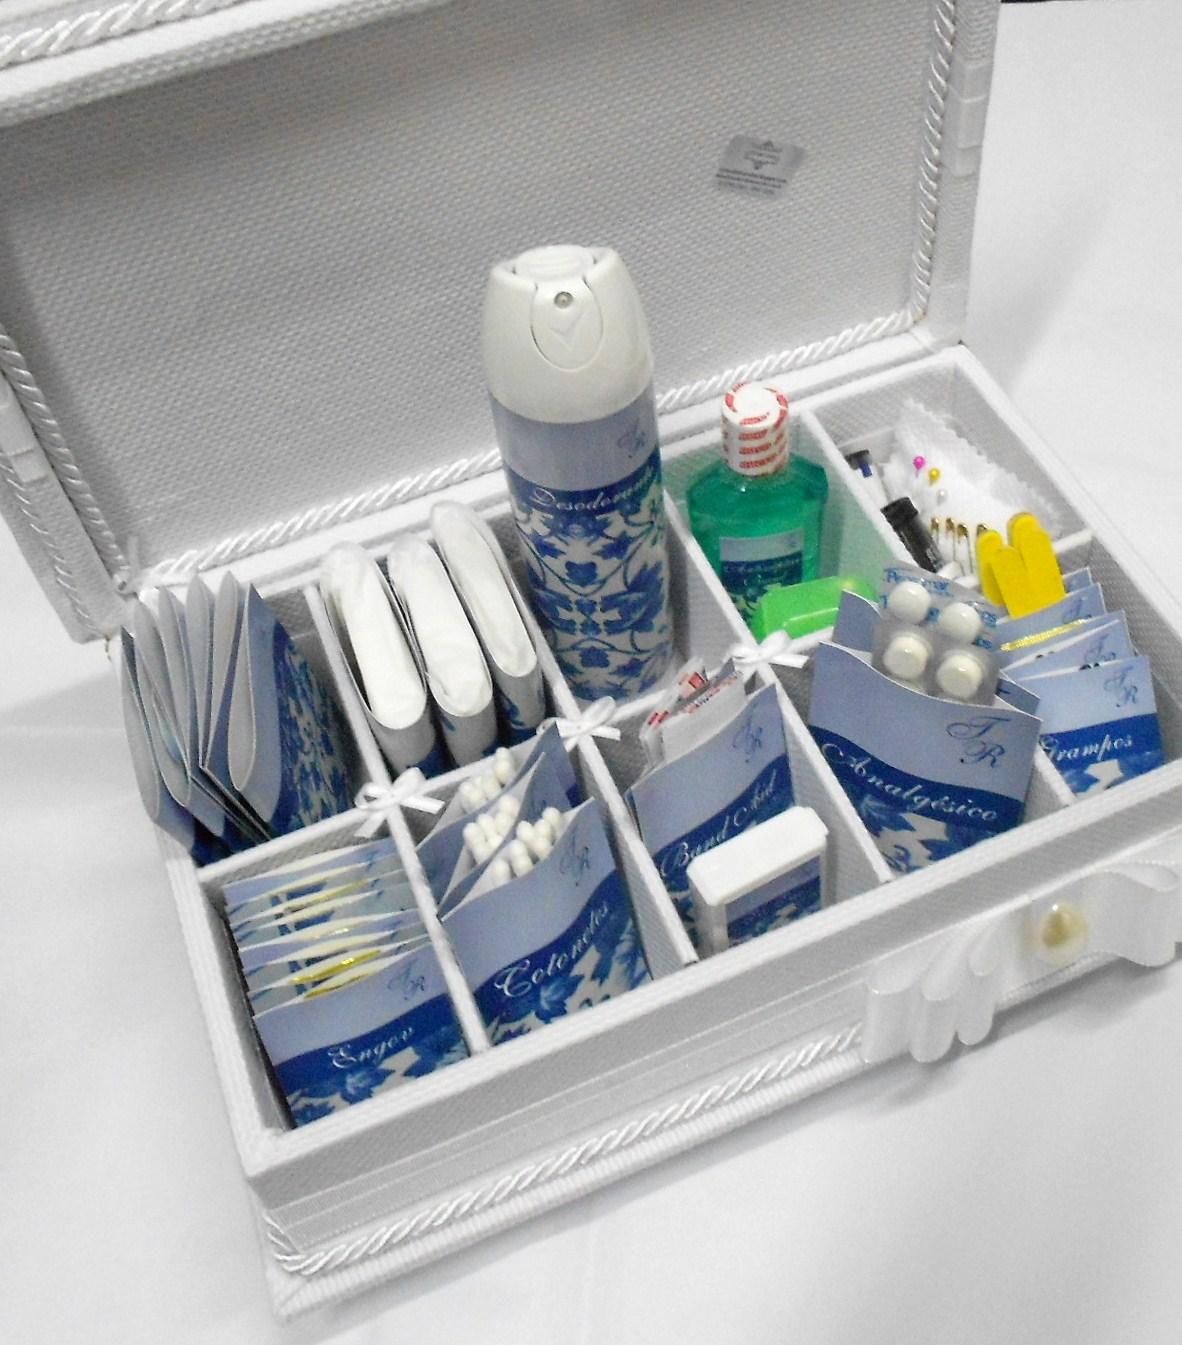 : Kit toillet branco com pérola para banheiro de festa de casamento #C4AC07 1182 1345